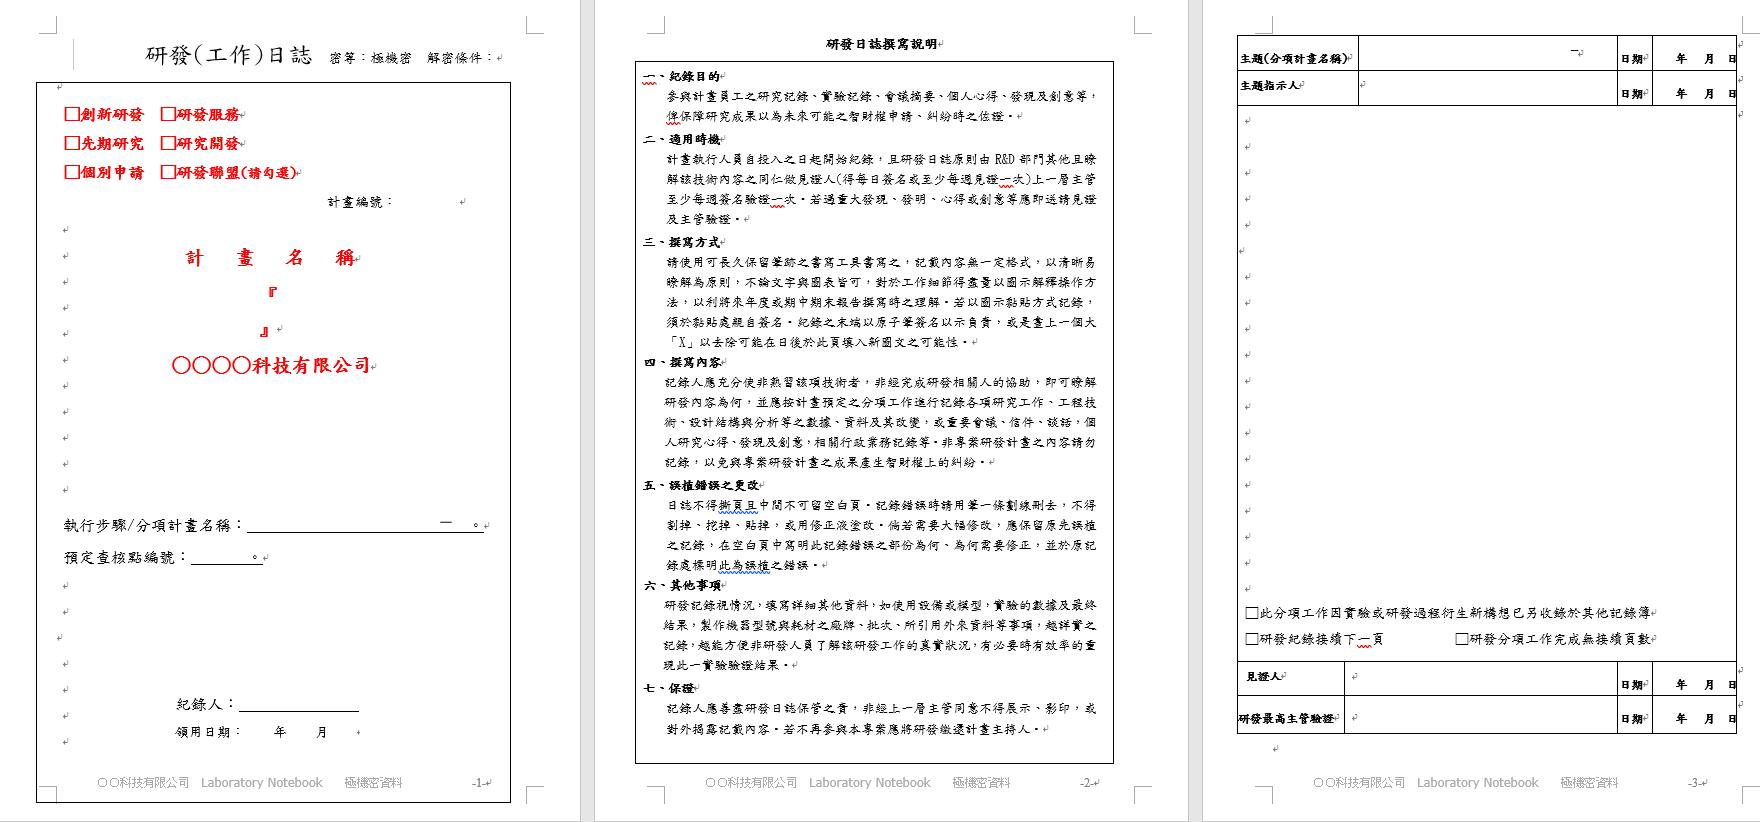 創業團隊申請專利或研發補助申請前是否要建立研發日誌(研發紀錄簿)